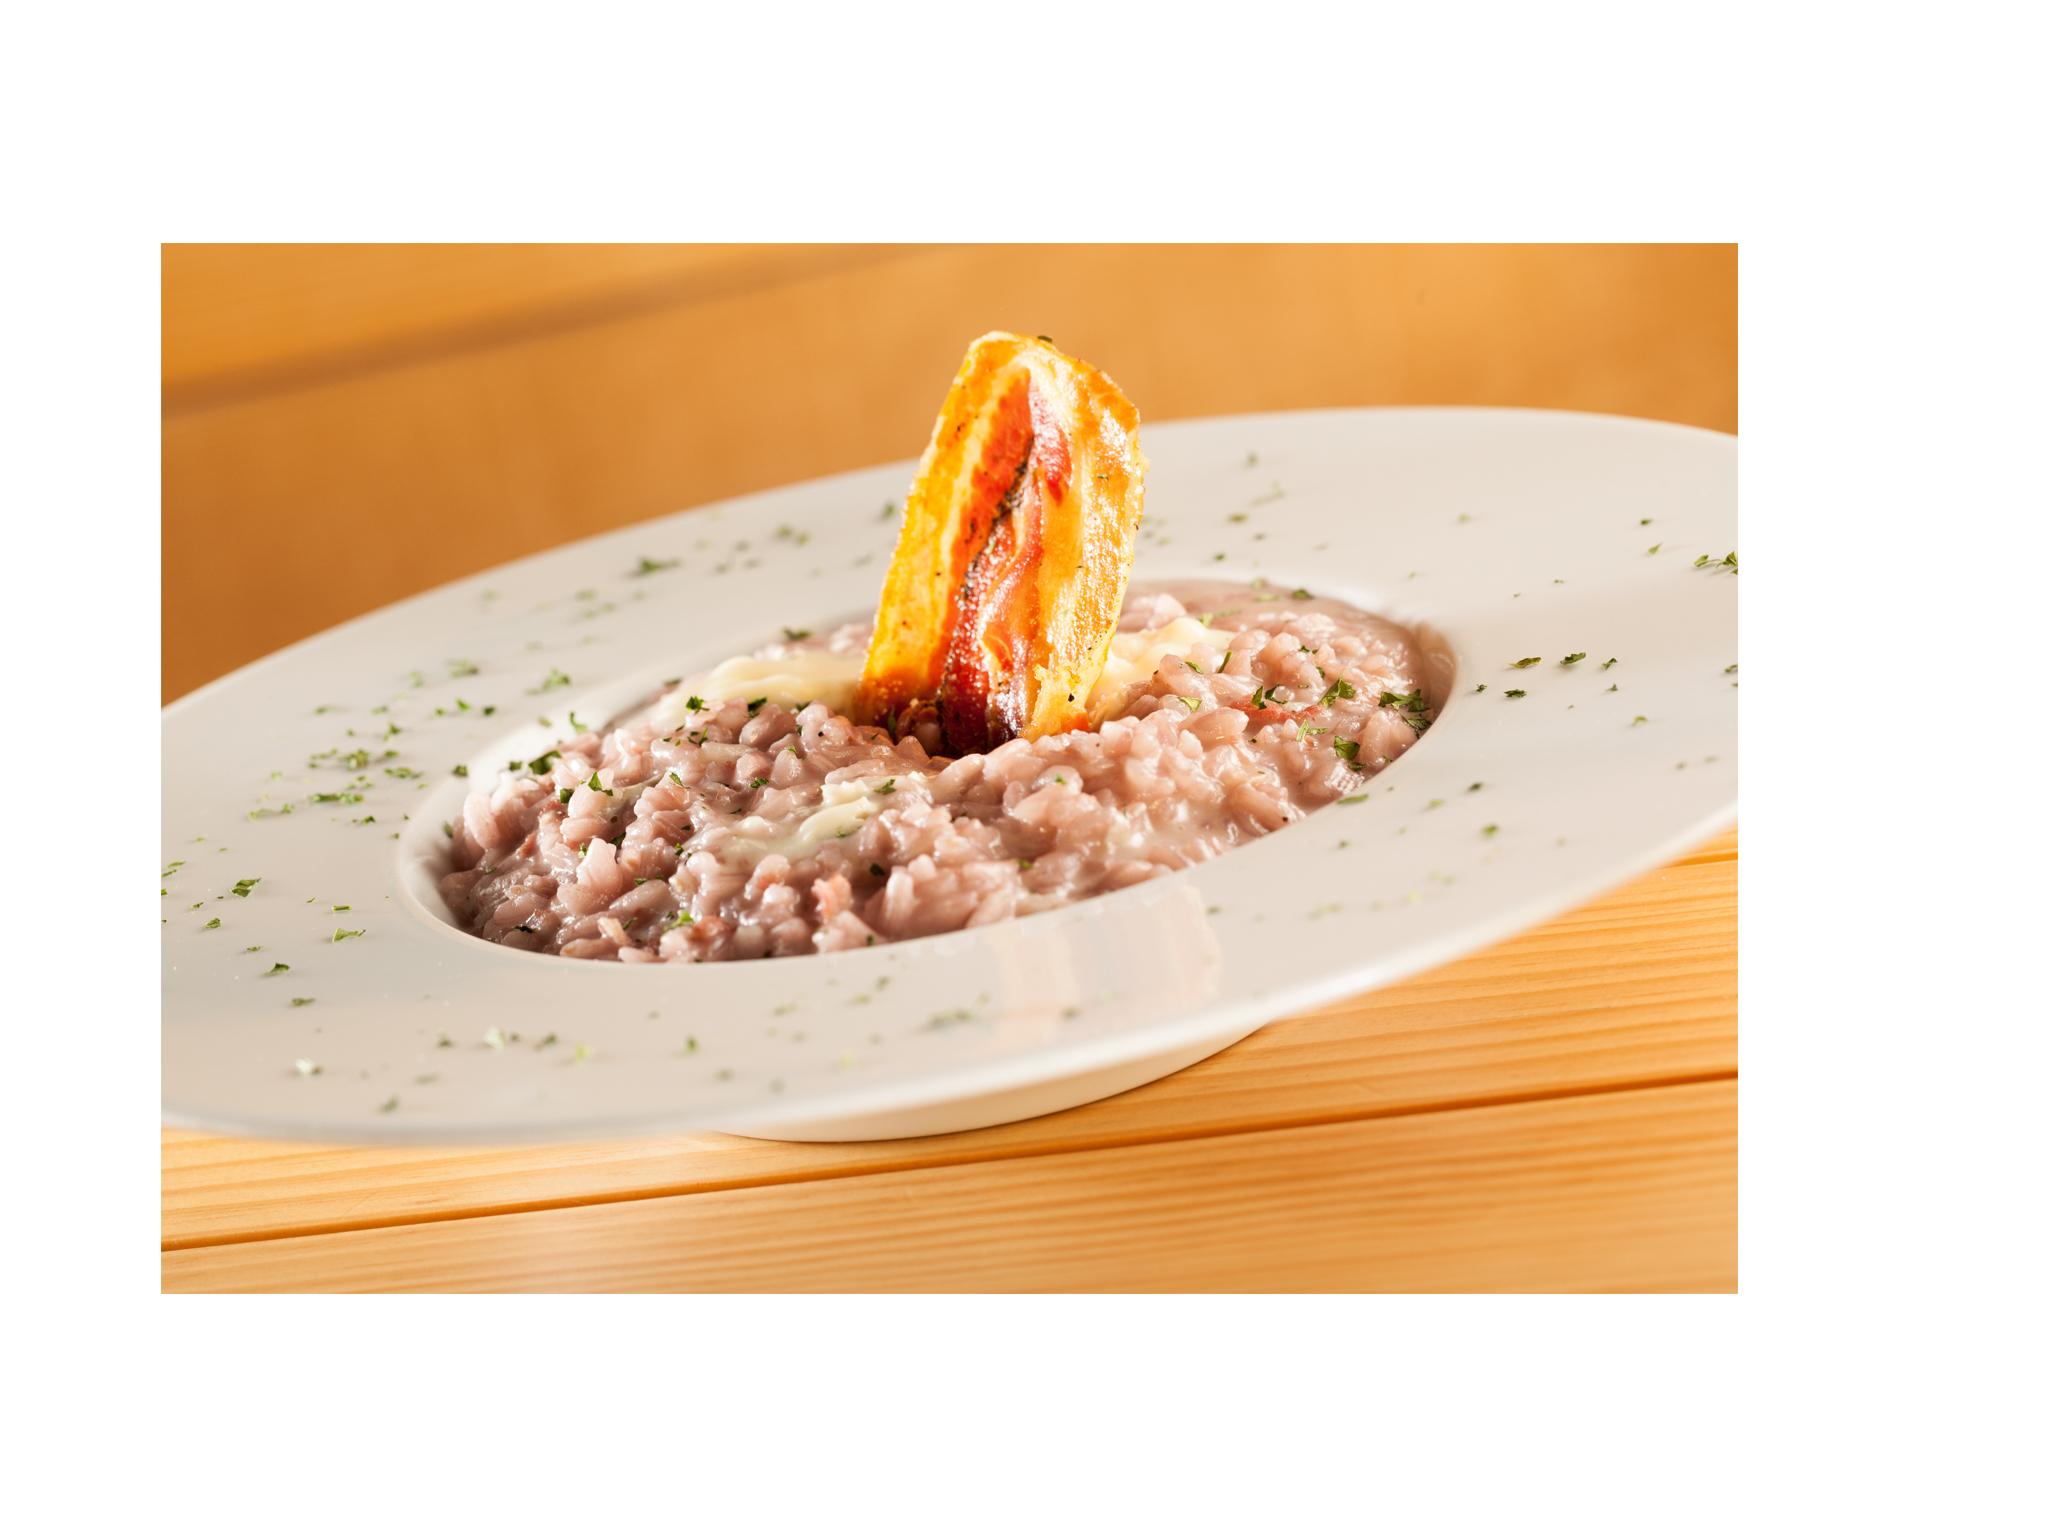 Risotto al Lambrusco, pancetta arrotolata e gongonzola3